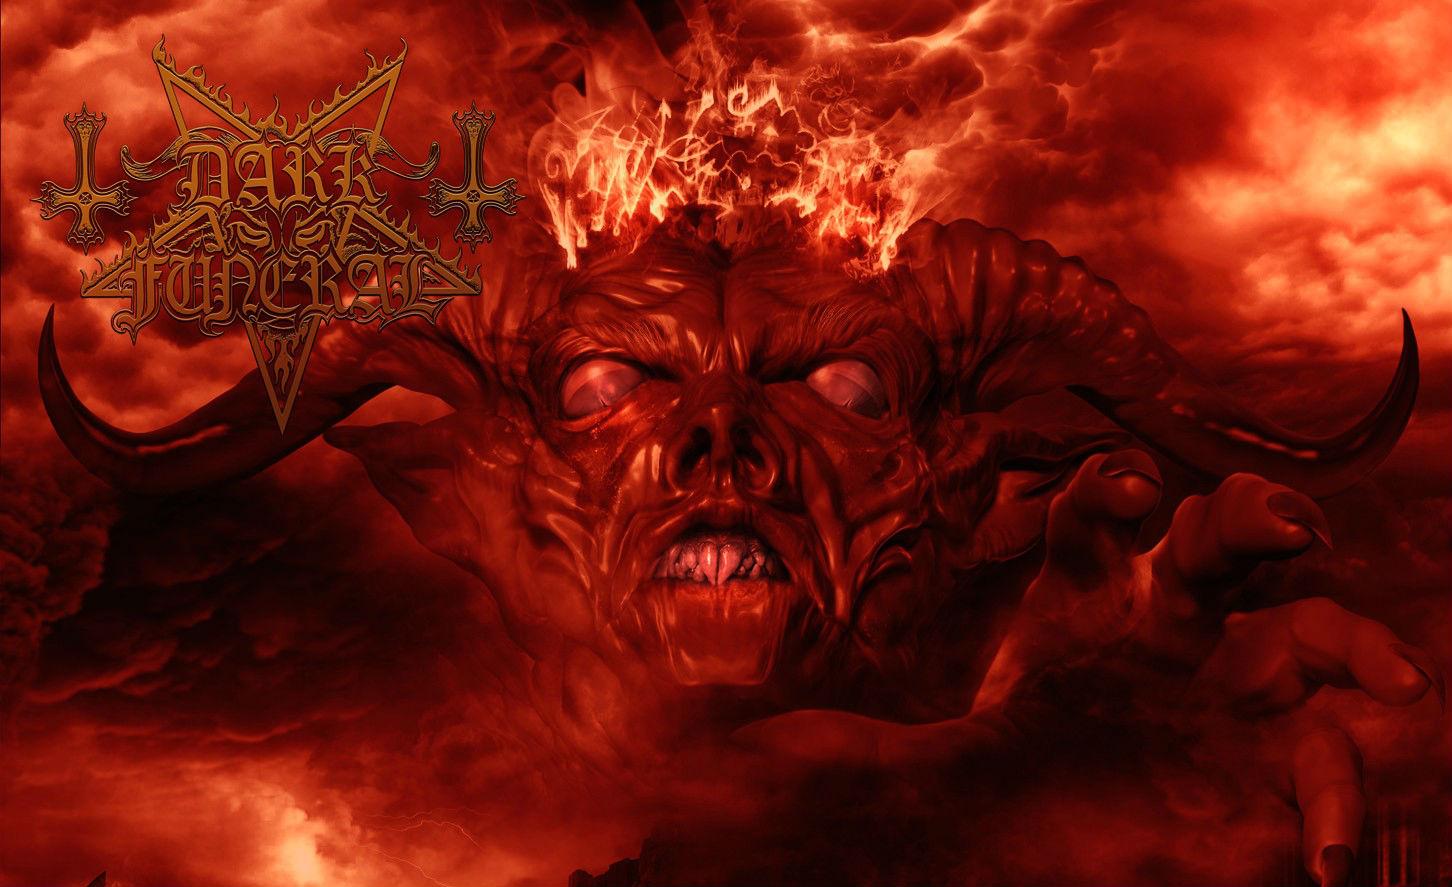 Dark Funeral Satanic Satanism Satan Baphomet Demon Occult Wallpaper 1452x887